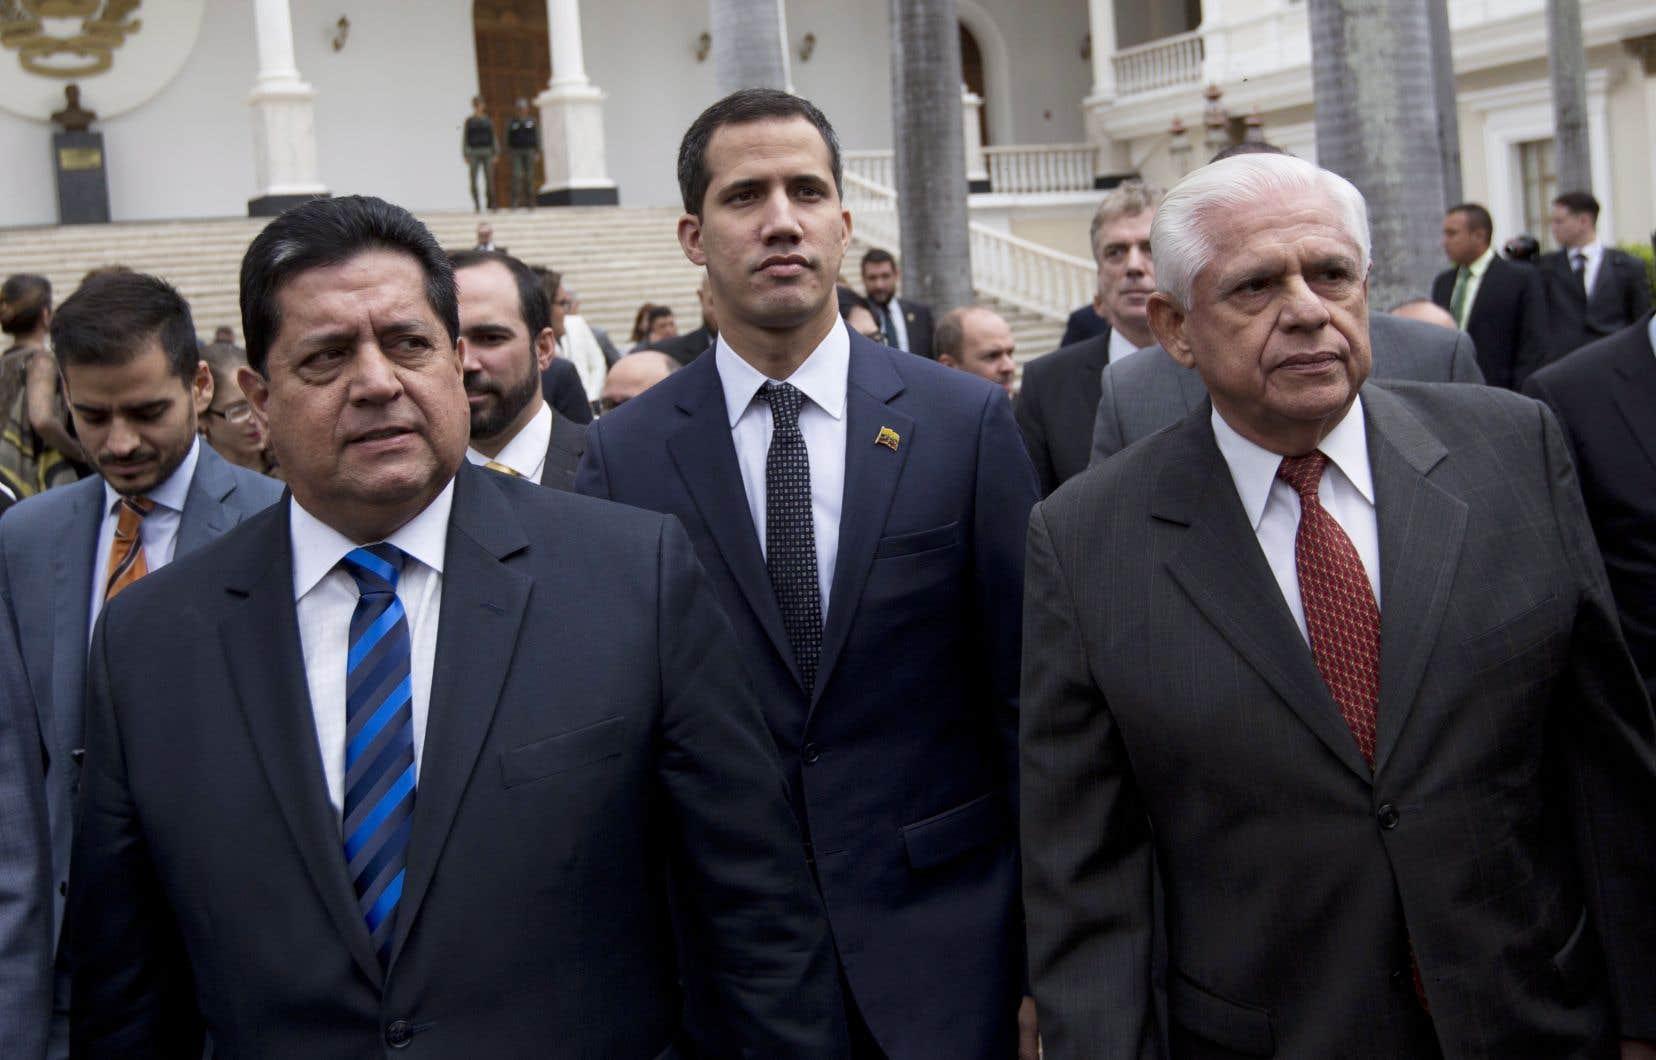 Le nouveau président de l'Assemblée nationale, Juan Guaido (au centre), s'est engagé à«mettre en place les conditions nécessaires à un gouvernement de transition et à convoquer des élections libres».